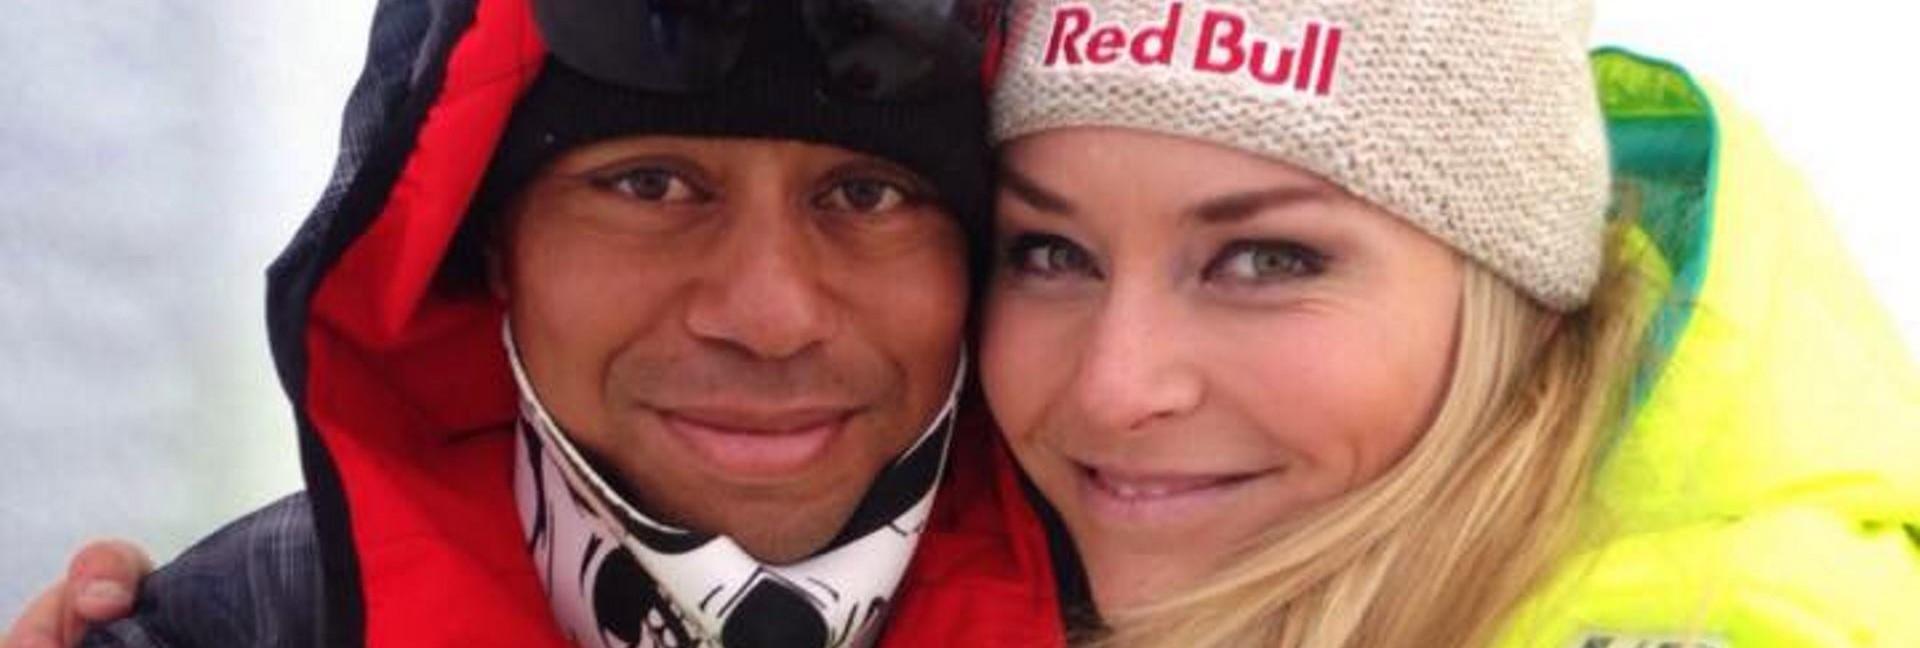 KRAJ LJUBAVI Lindsay Vonn i Tiger Woods prekinuli trogodišnju ljubavnu vezu